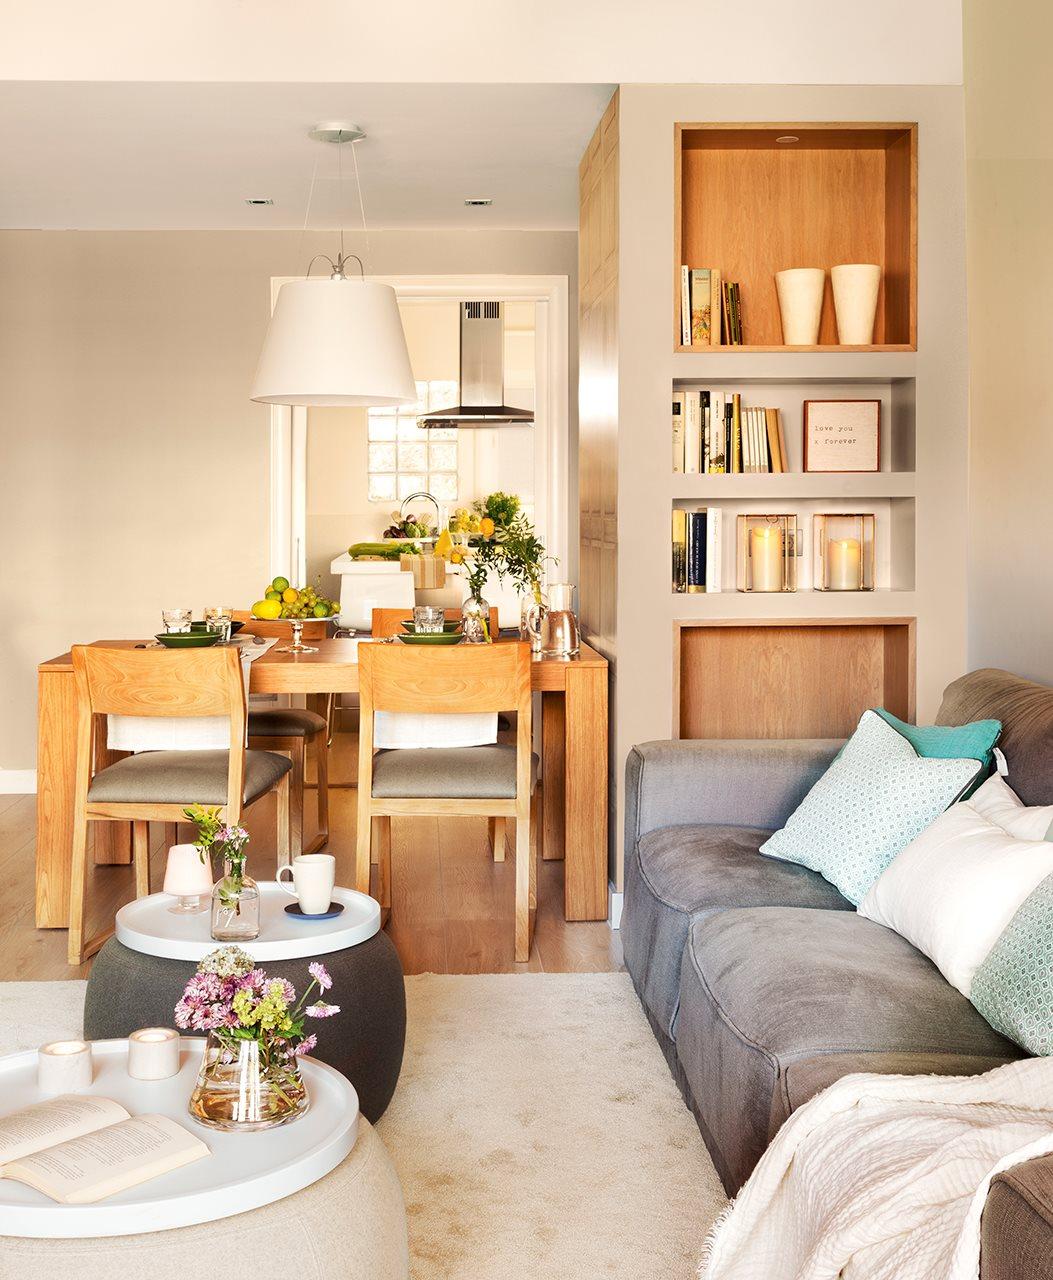 Salón comedor con librería a medida de DM. Comedor con mobiliario de madera y vajilla en verde